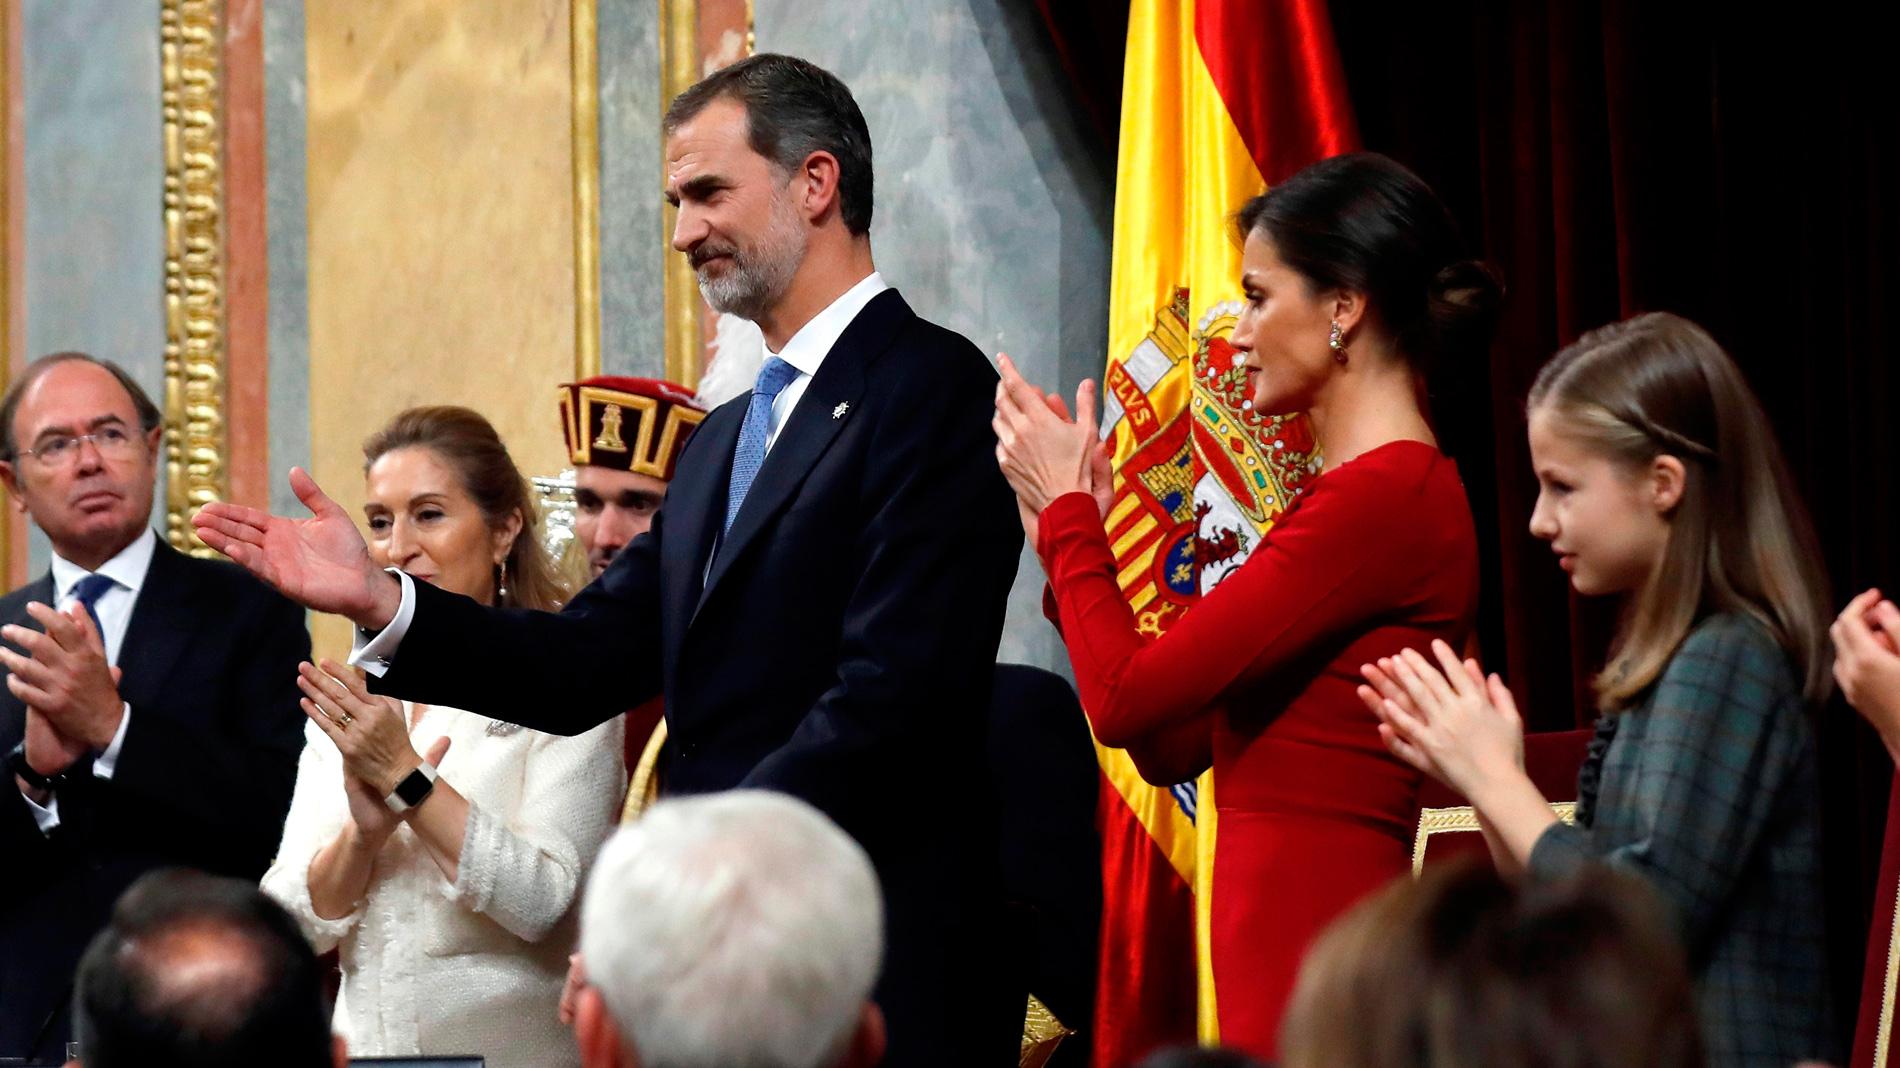 """El rey llama a """"preservar"""" los valores constitucionales y une la Monarquía a la """"democracia y libertad"""" de España"""